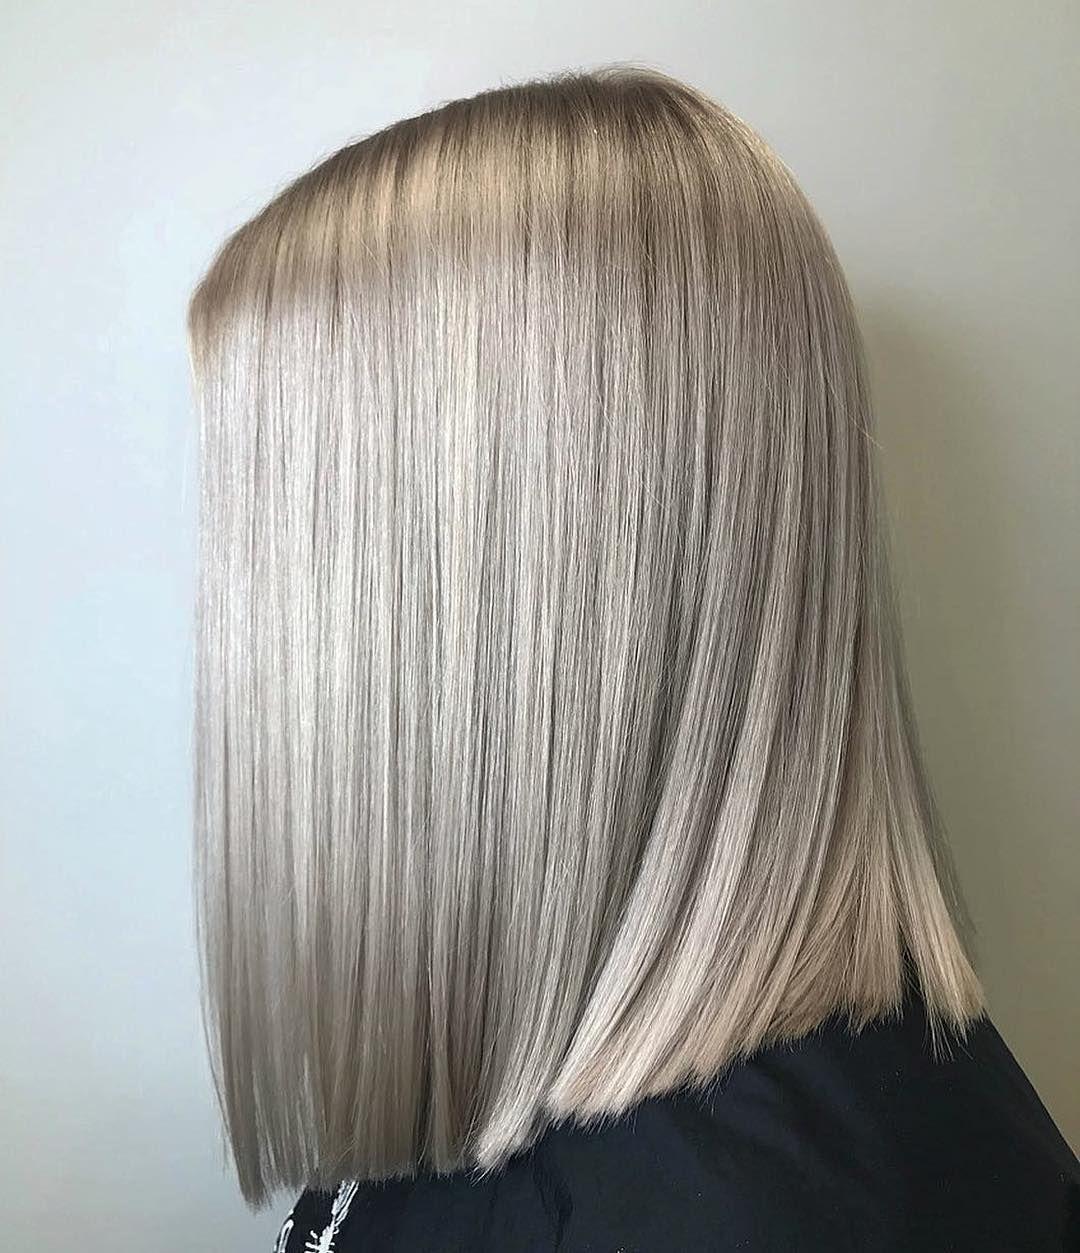 Kühle Blondtöne: Die 5 schönsten Farben — und wem sie stehen